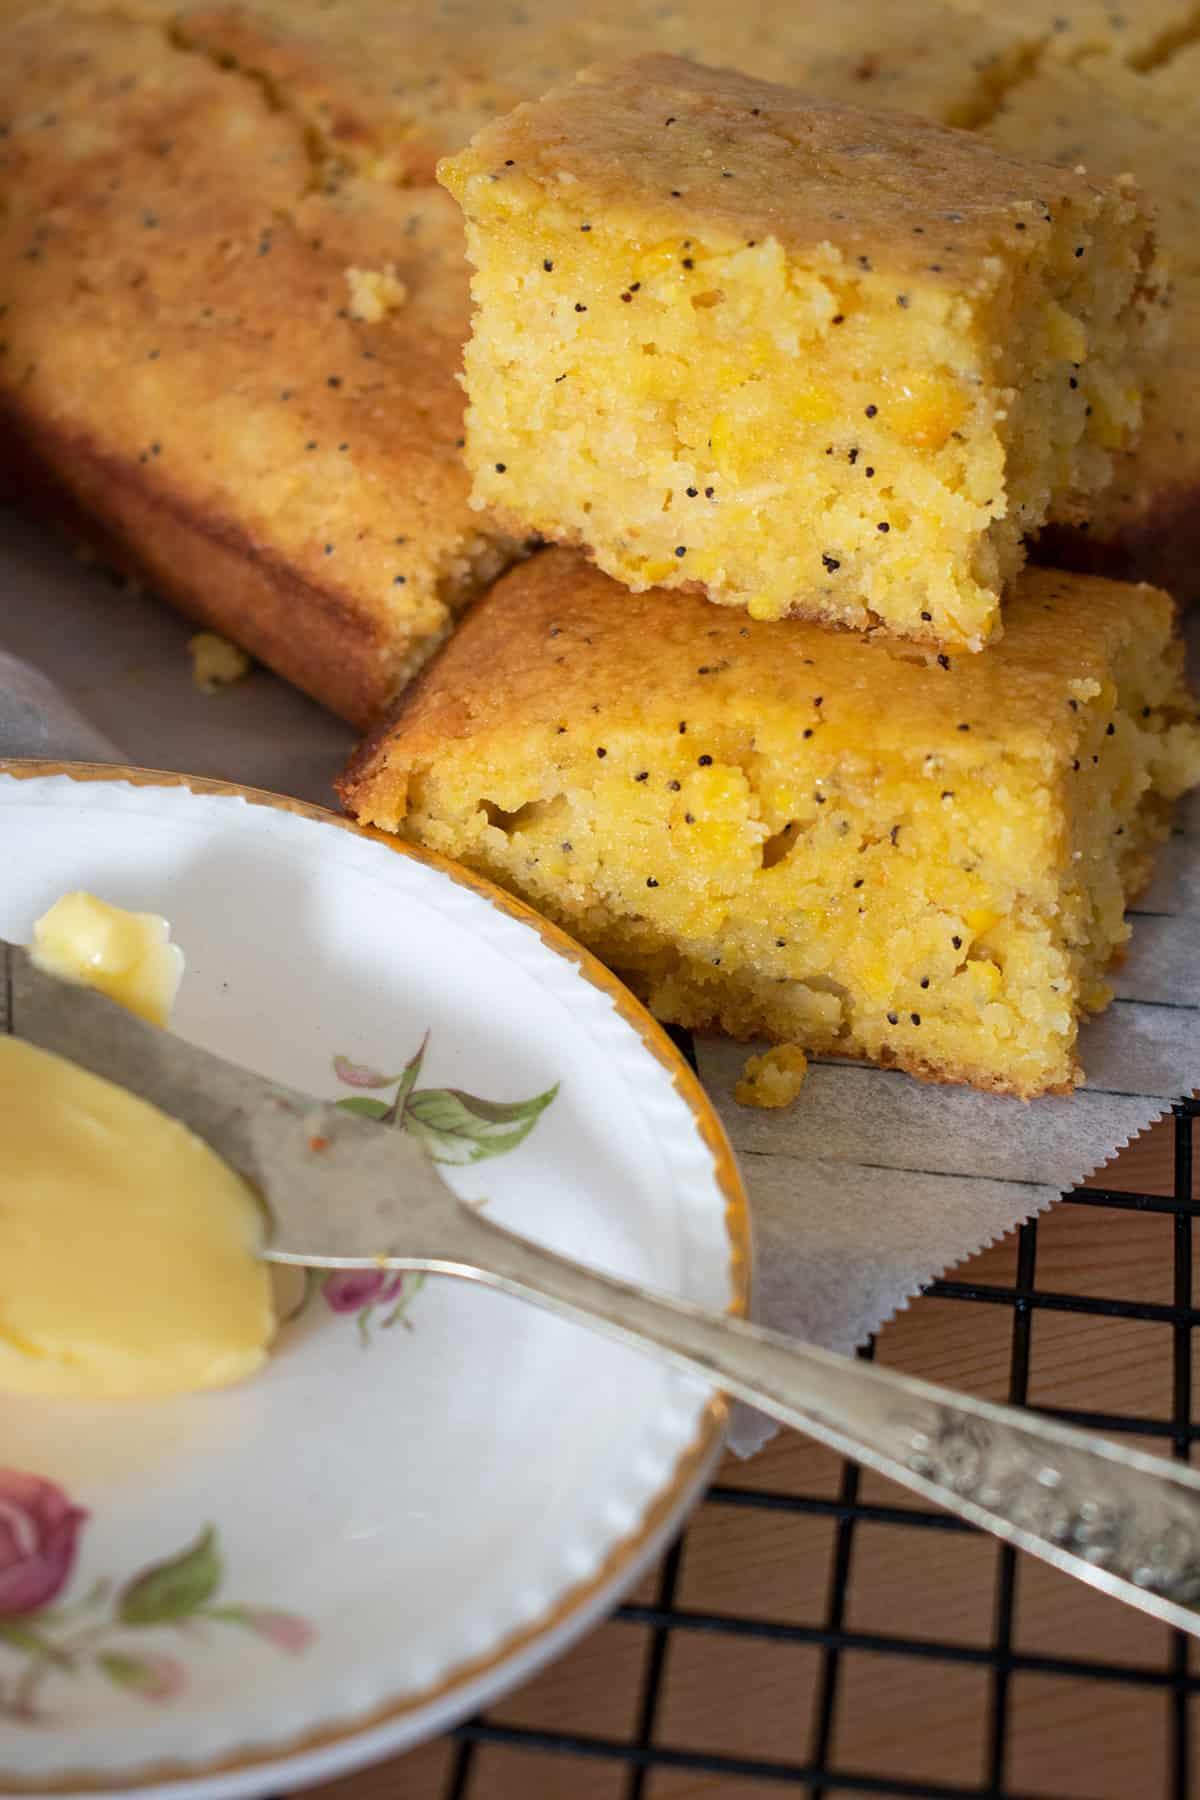 porciones de cornbread sobre una rejilla acompañado de mantequilla en un pequeño plato con flores.